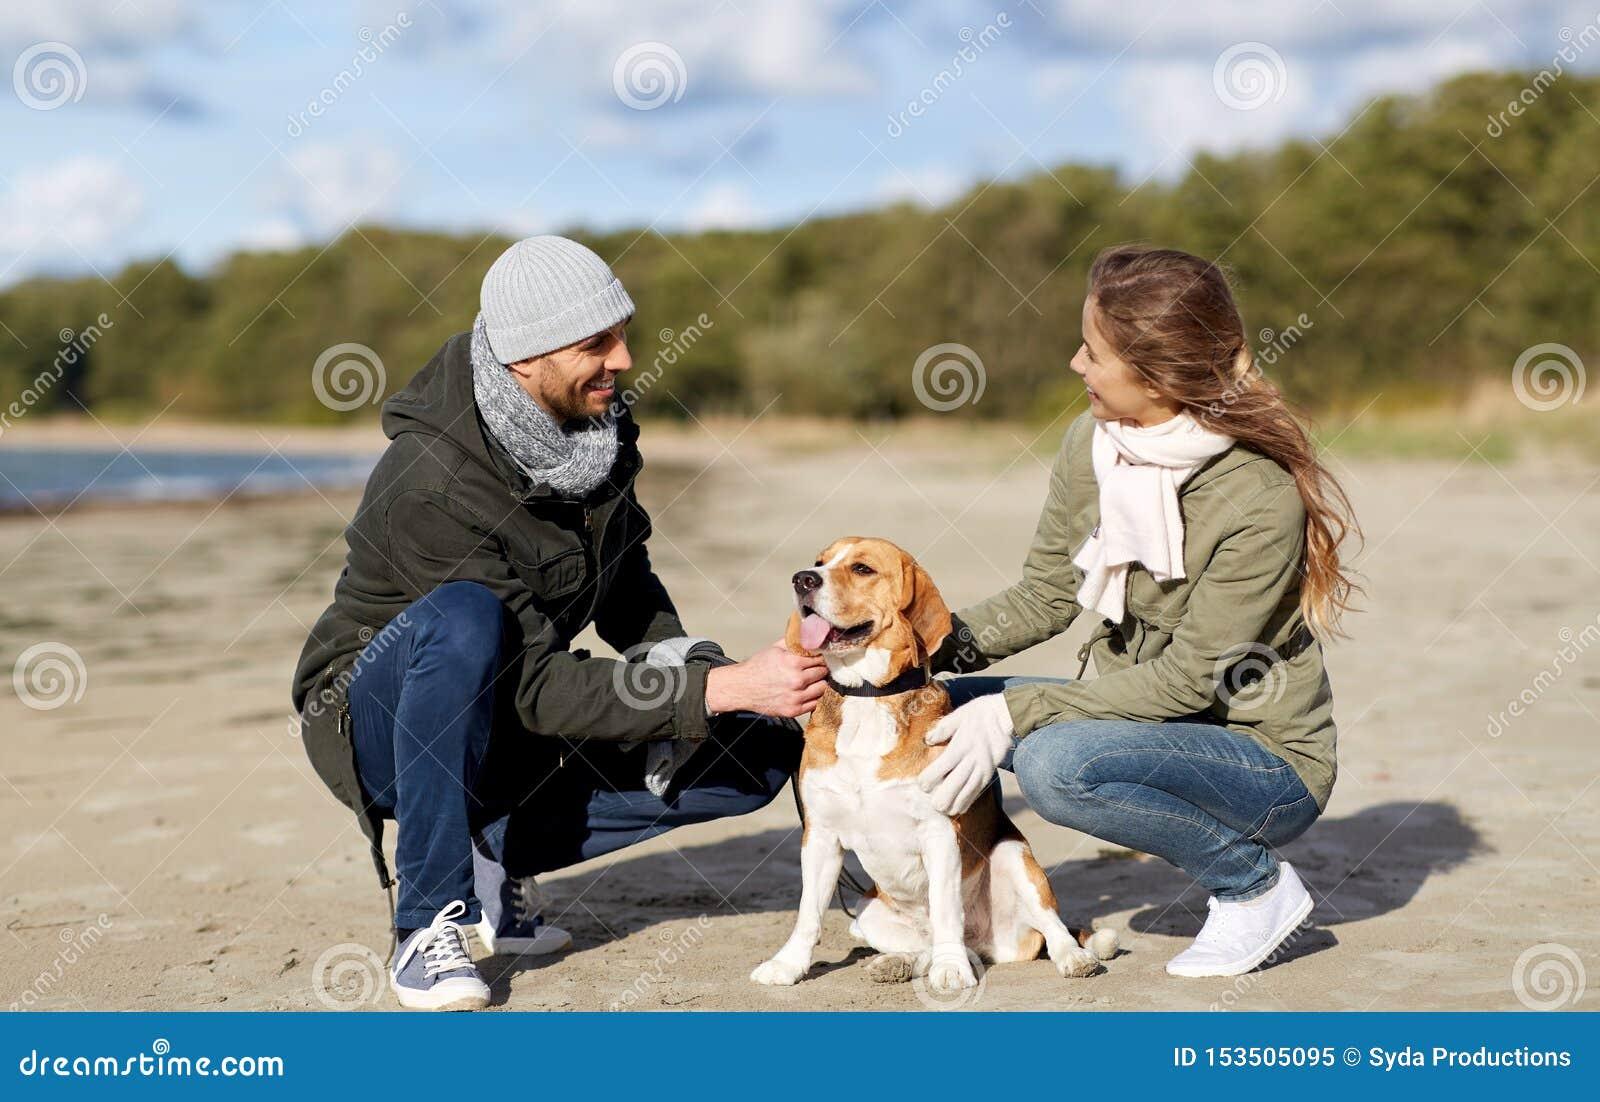 Ευτυχές ζεύγος με το σκυλί λαγωνικών στην παραλία φθινοπώρου